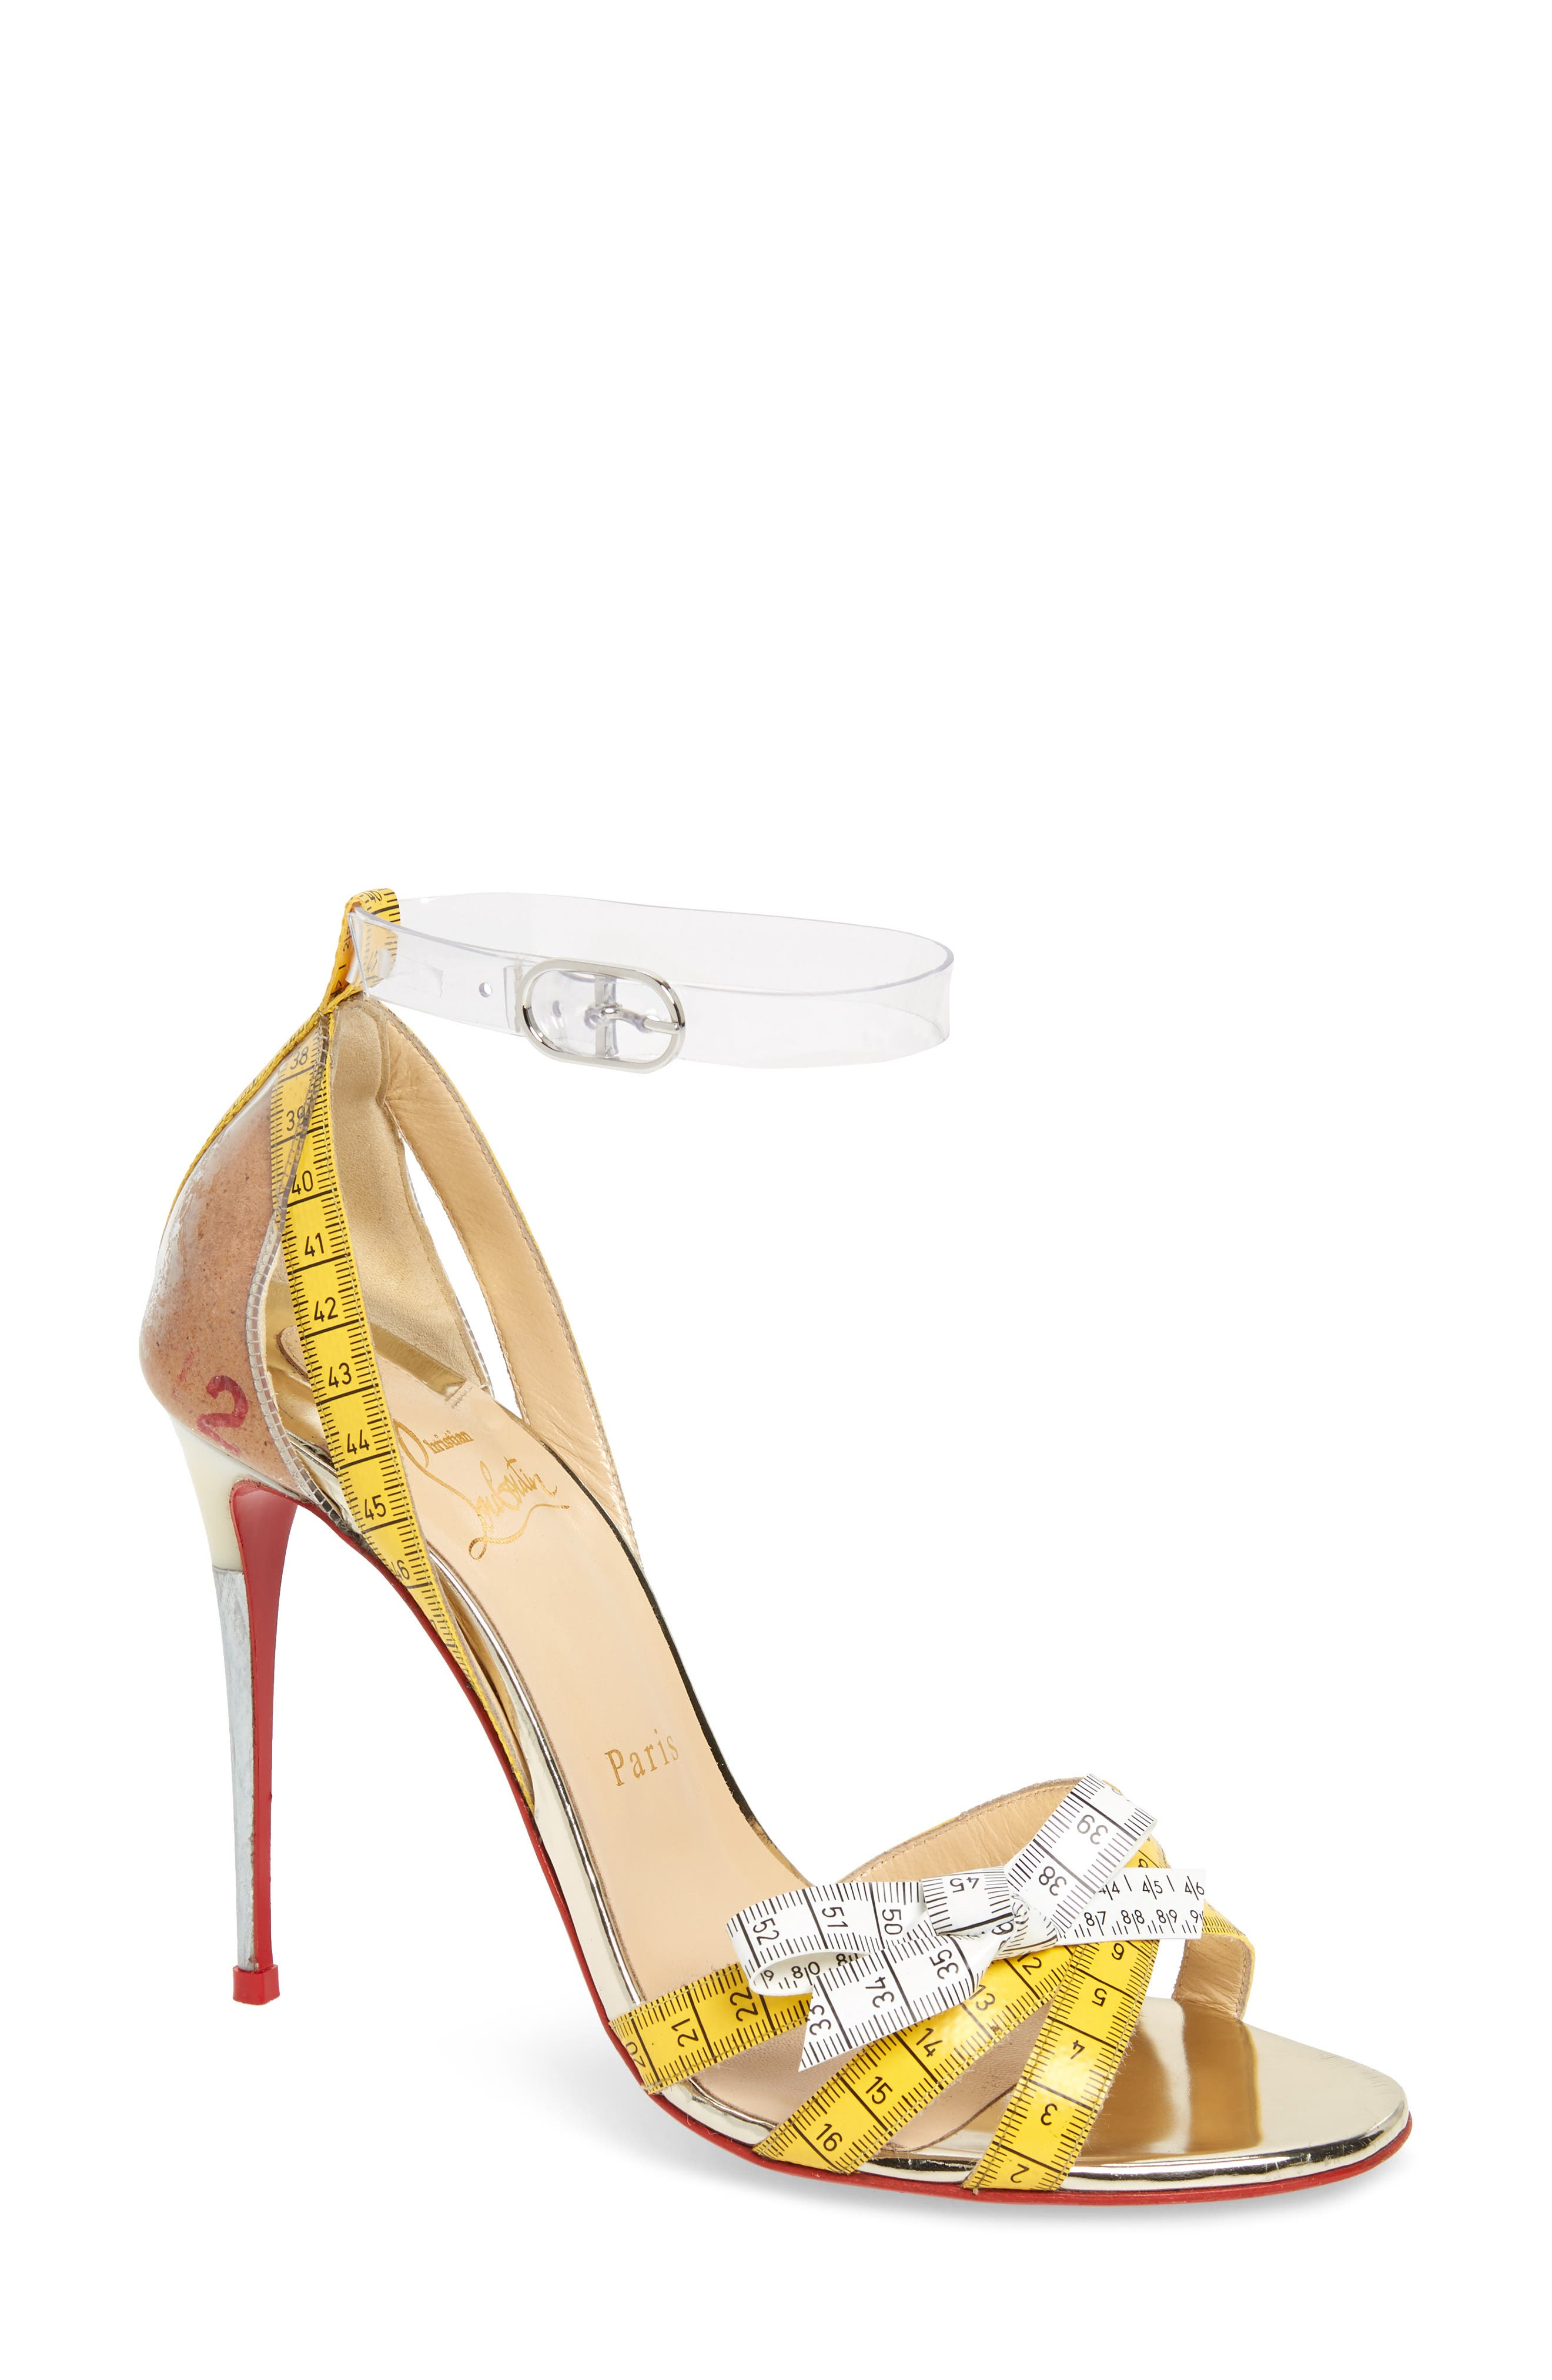 d792b2e20ffe5 ... usa christian louboutin metri clear ankle strap sandal women 71c63 6484c